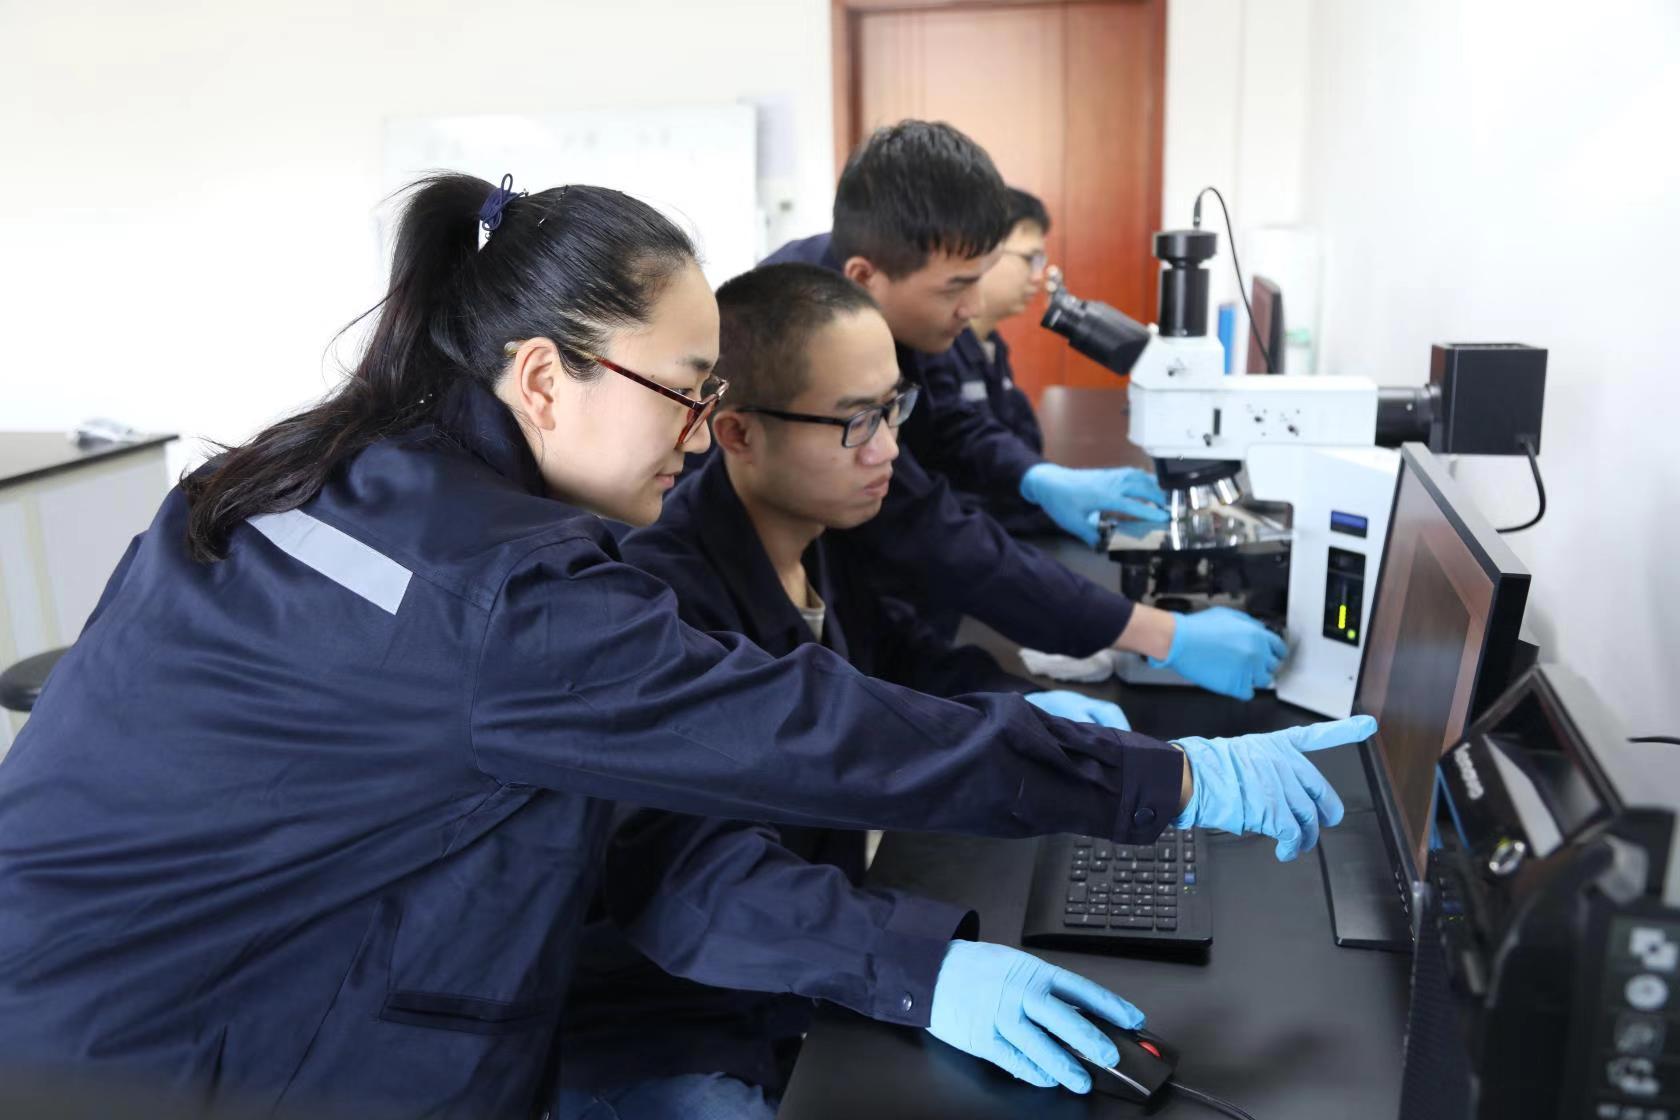 人民网:研发核心技艺 为未来铸造竞争利器